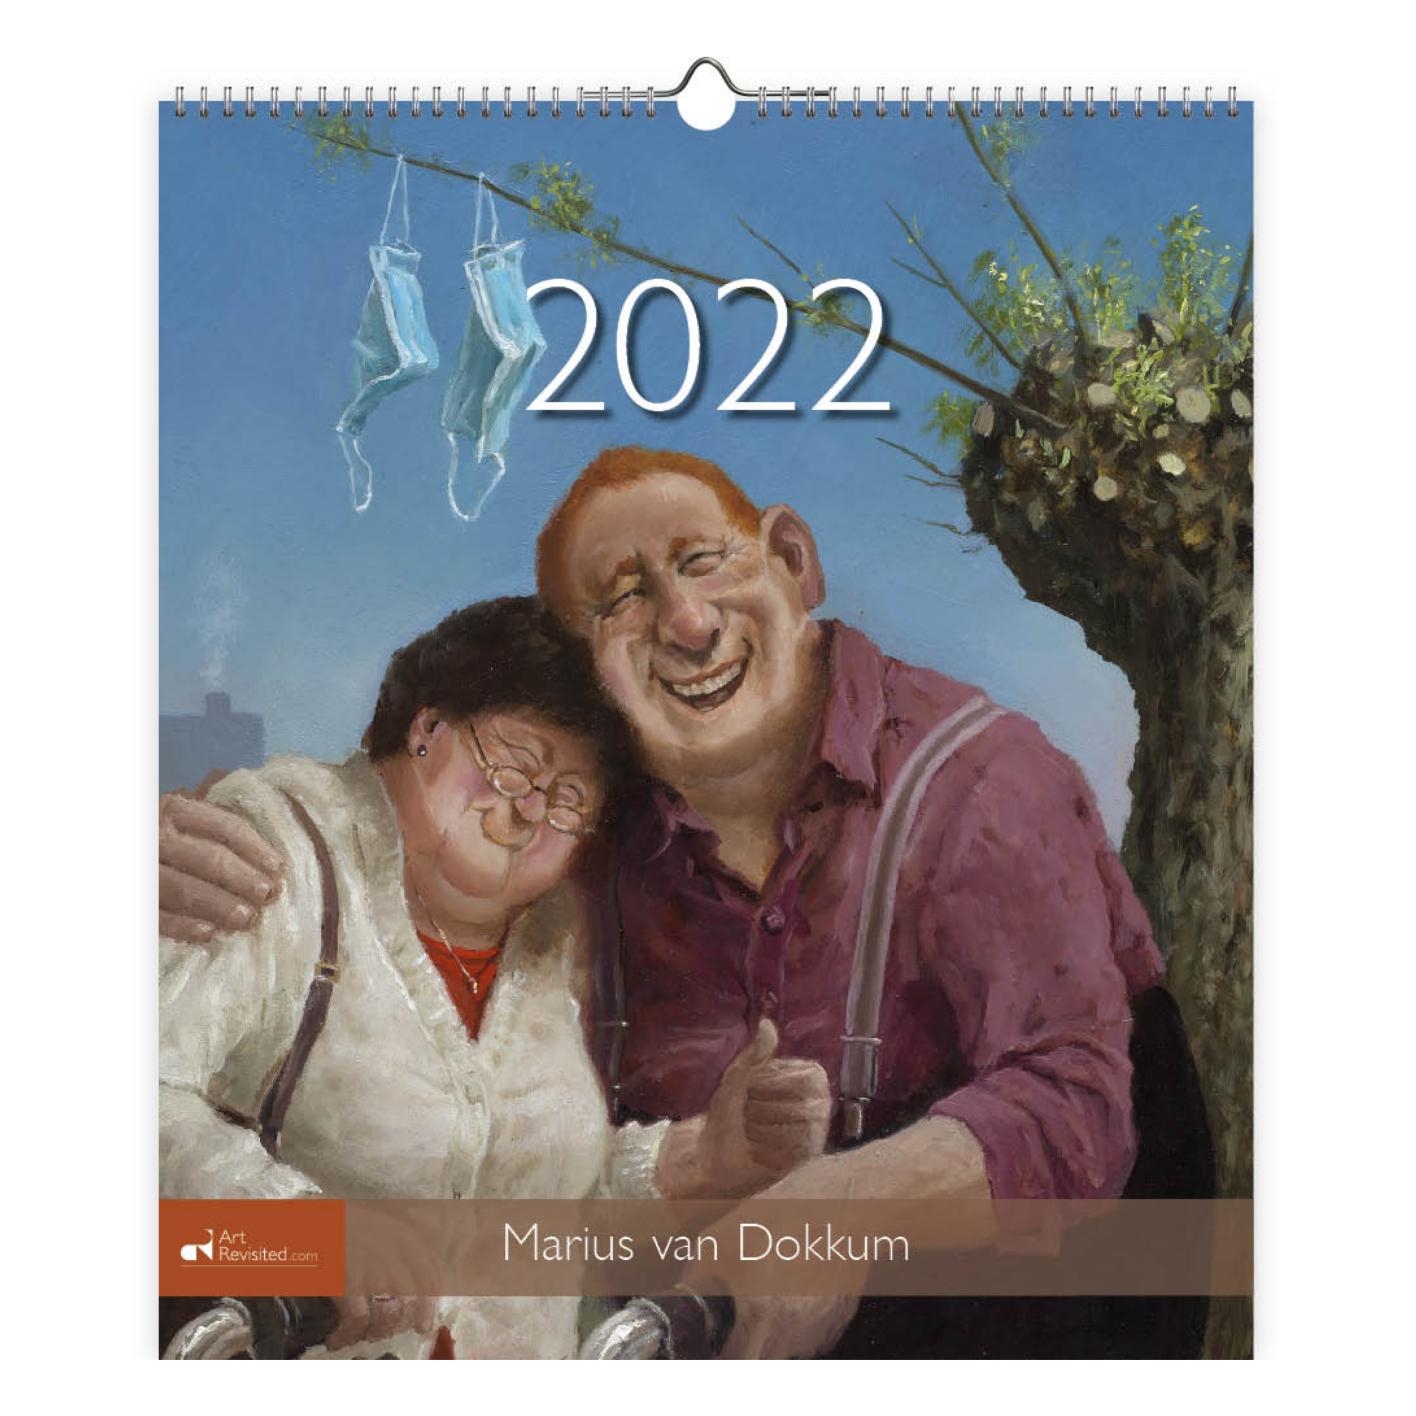 Maandkalender - 2022 - Marius van Dokkum - 30x34,5cm - in Kalenders